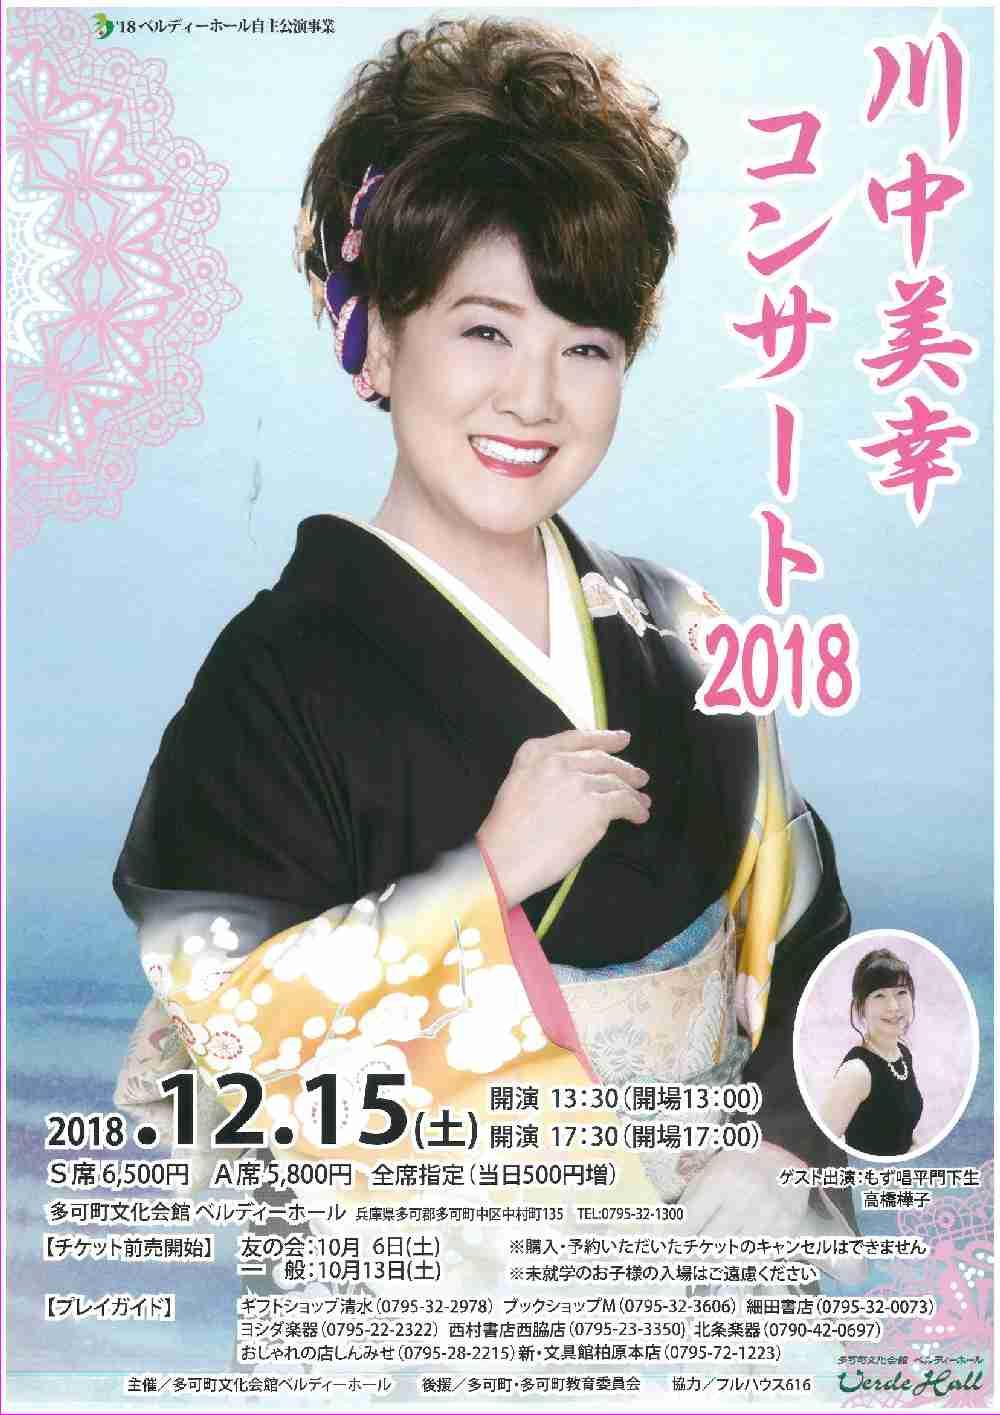 12/15 川中美幸コンサート:ベルディーホール